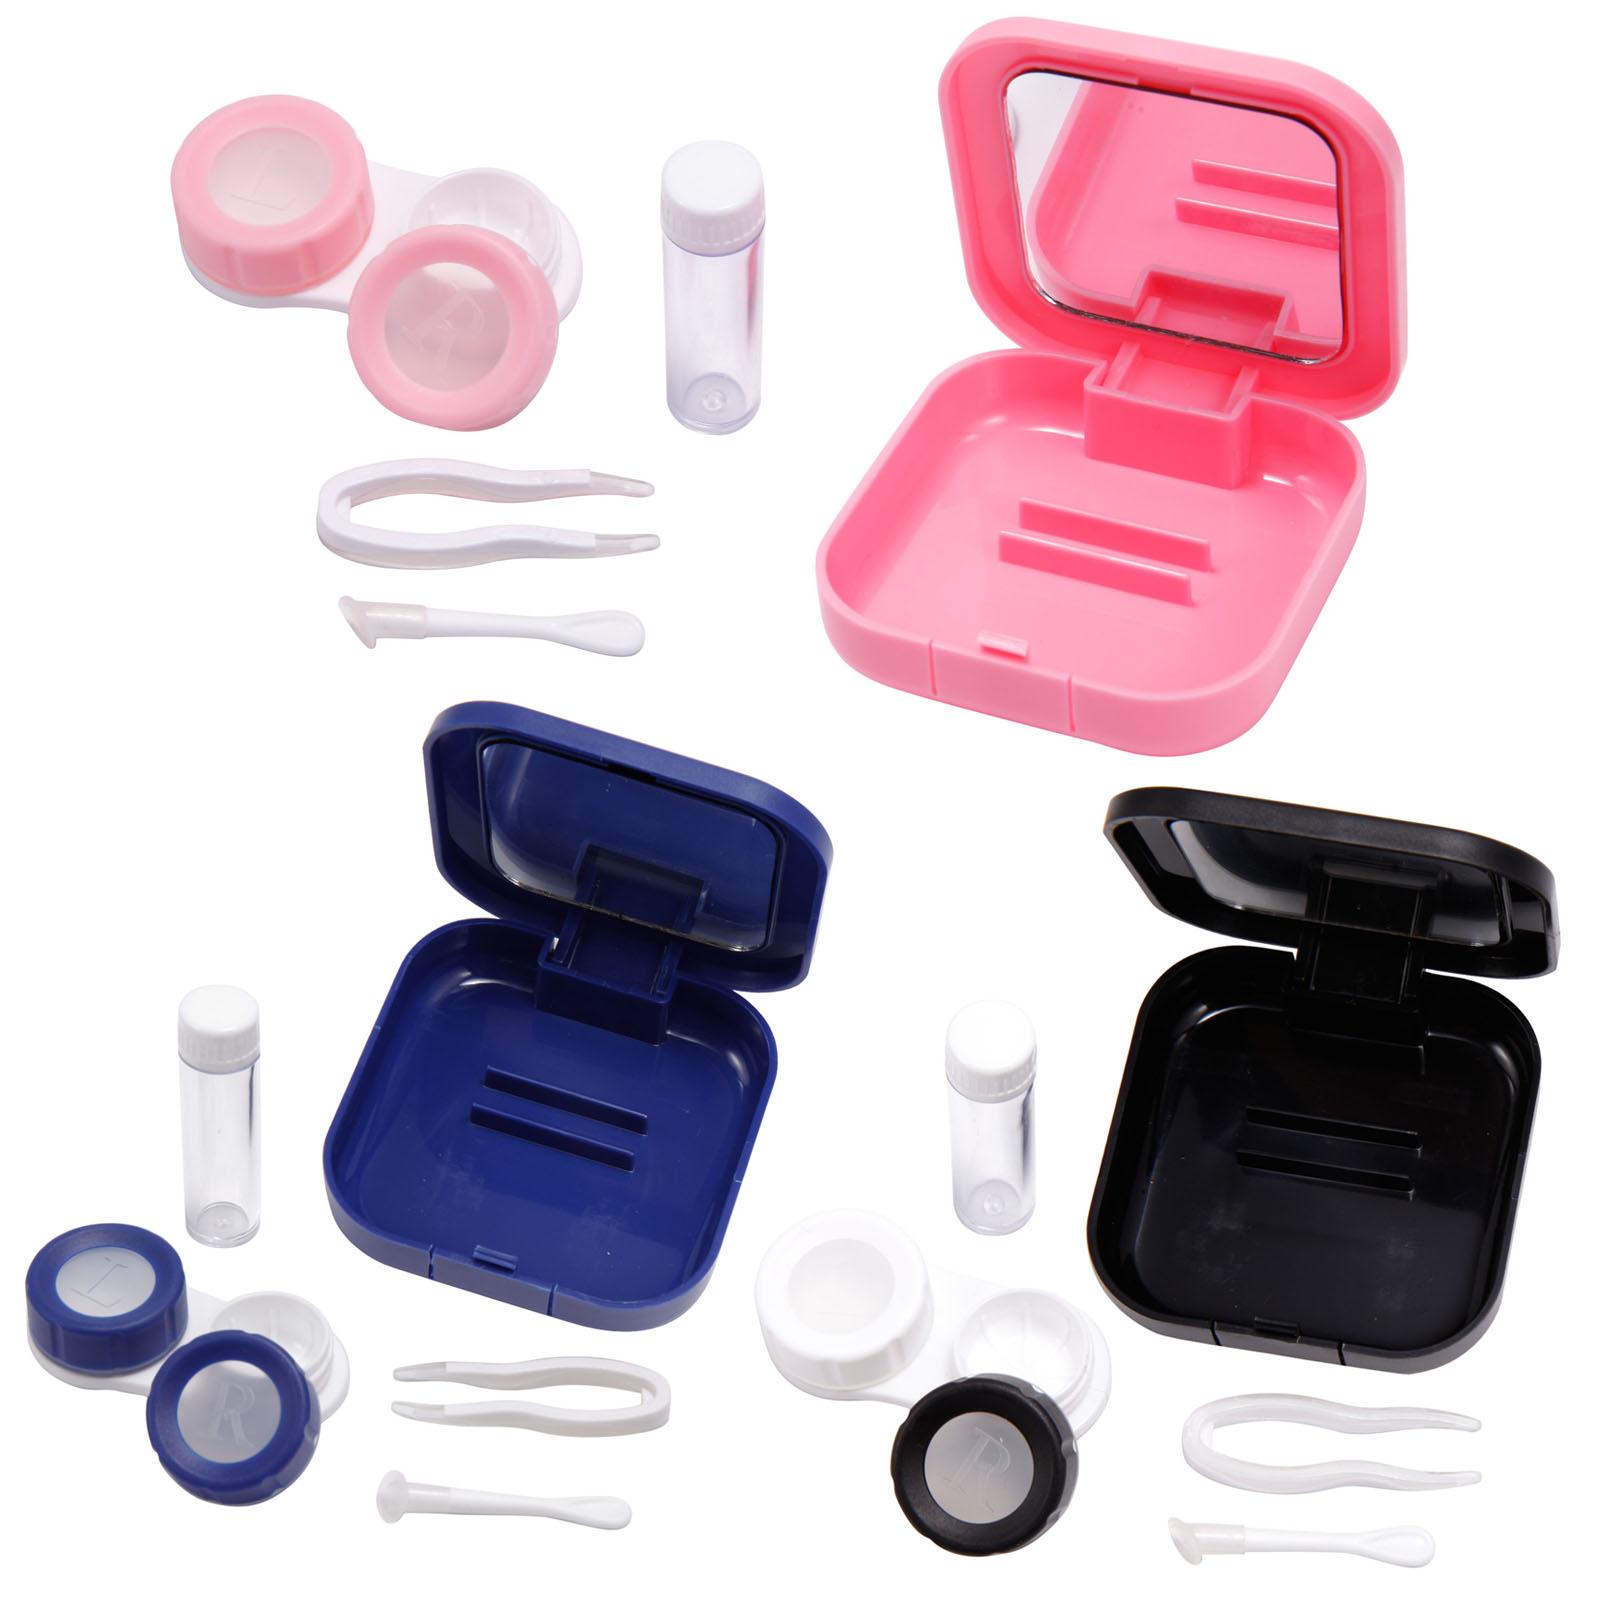 Estuche caja port til viaje para lentillas lente de - Estuche para lentillas ...